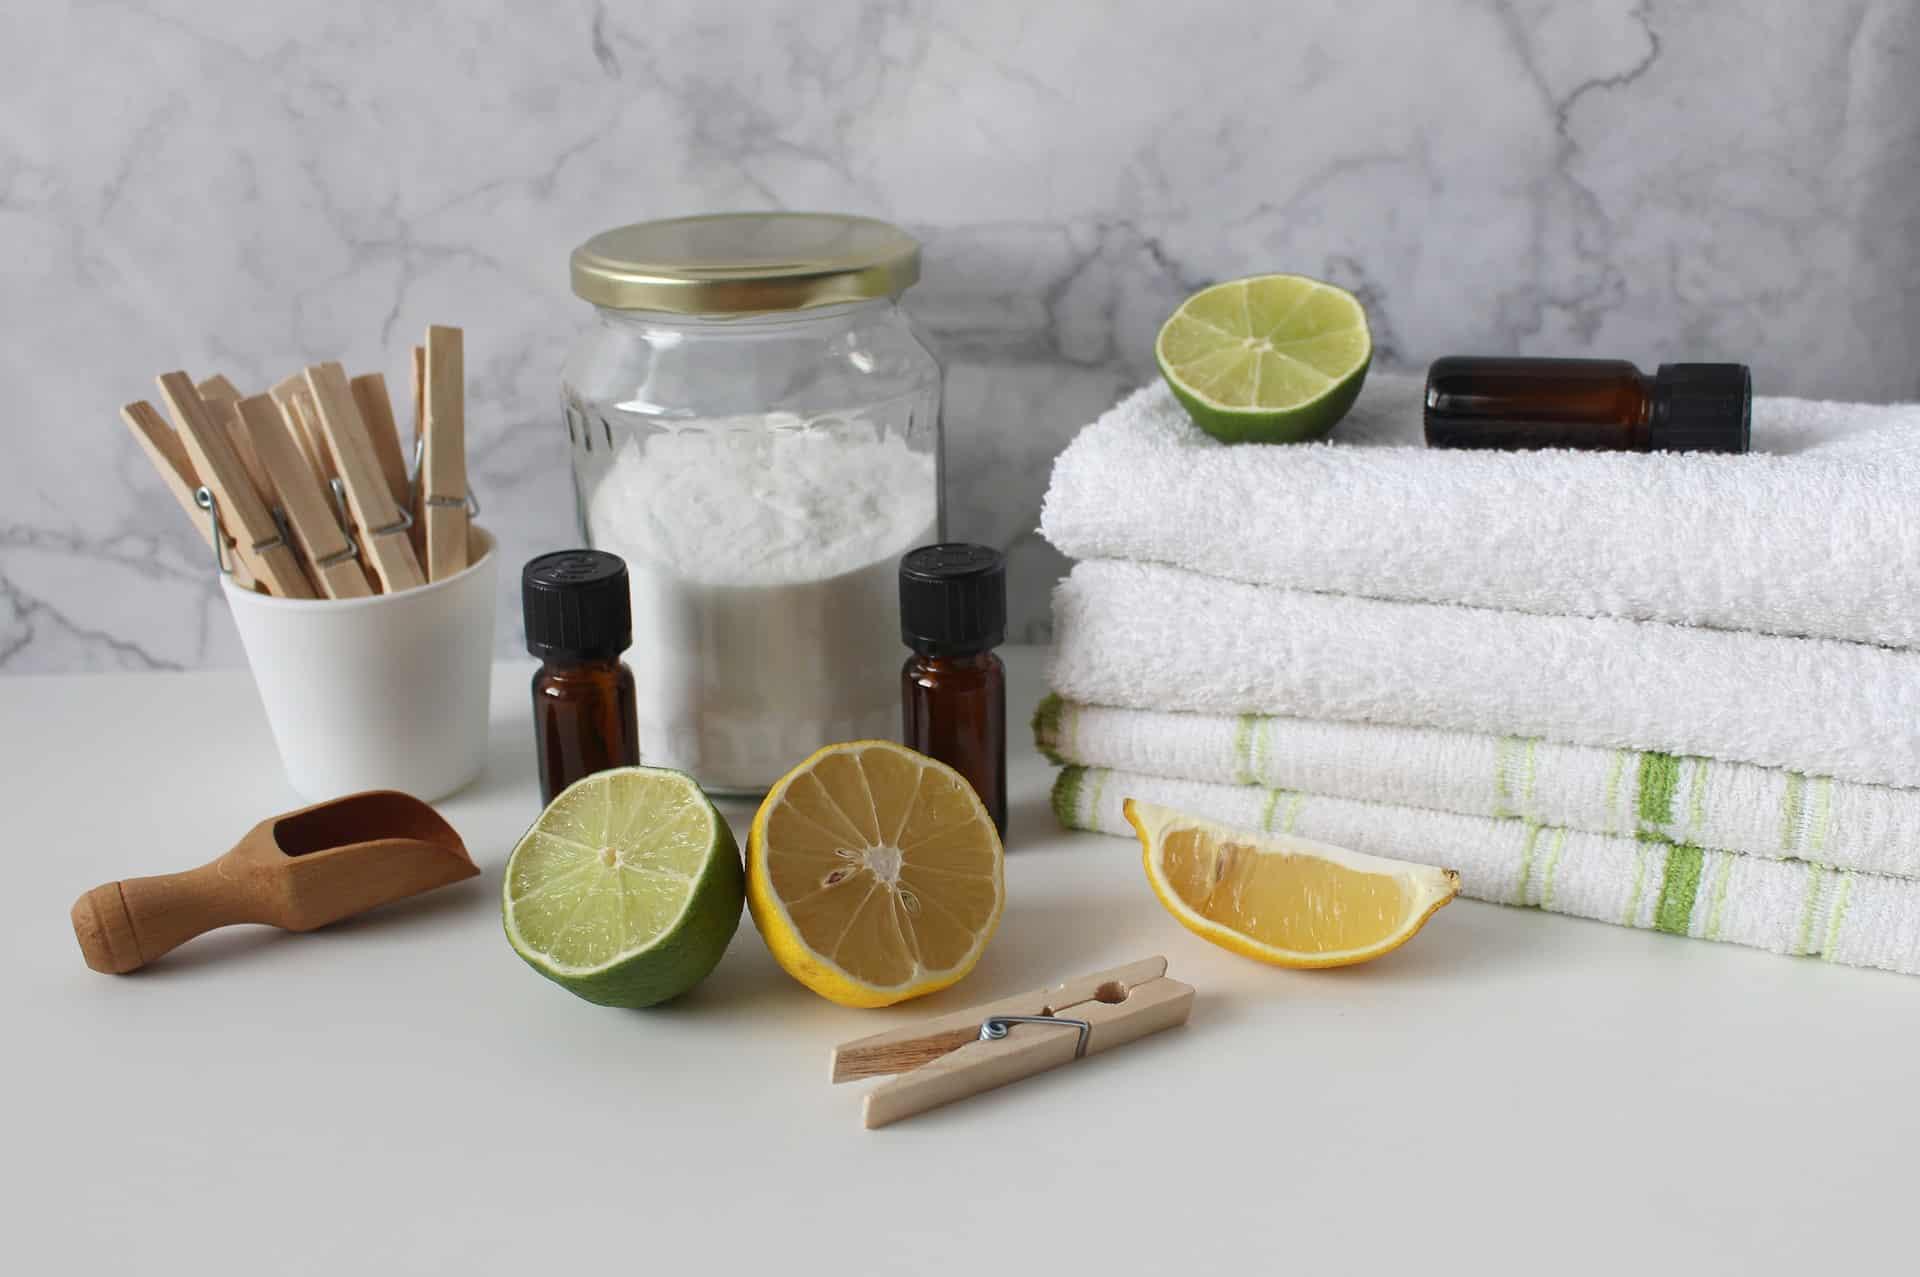 schoon op een milieuvriendelijke manier minimal waste